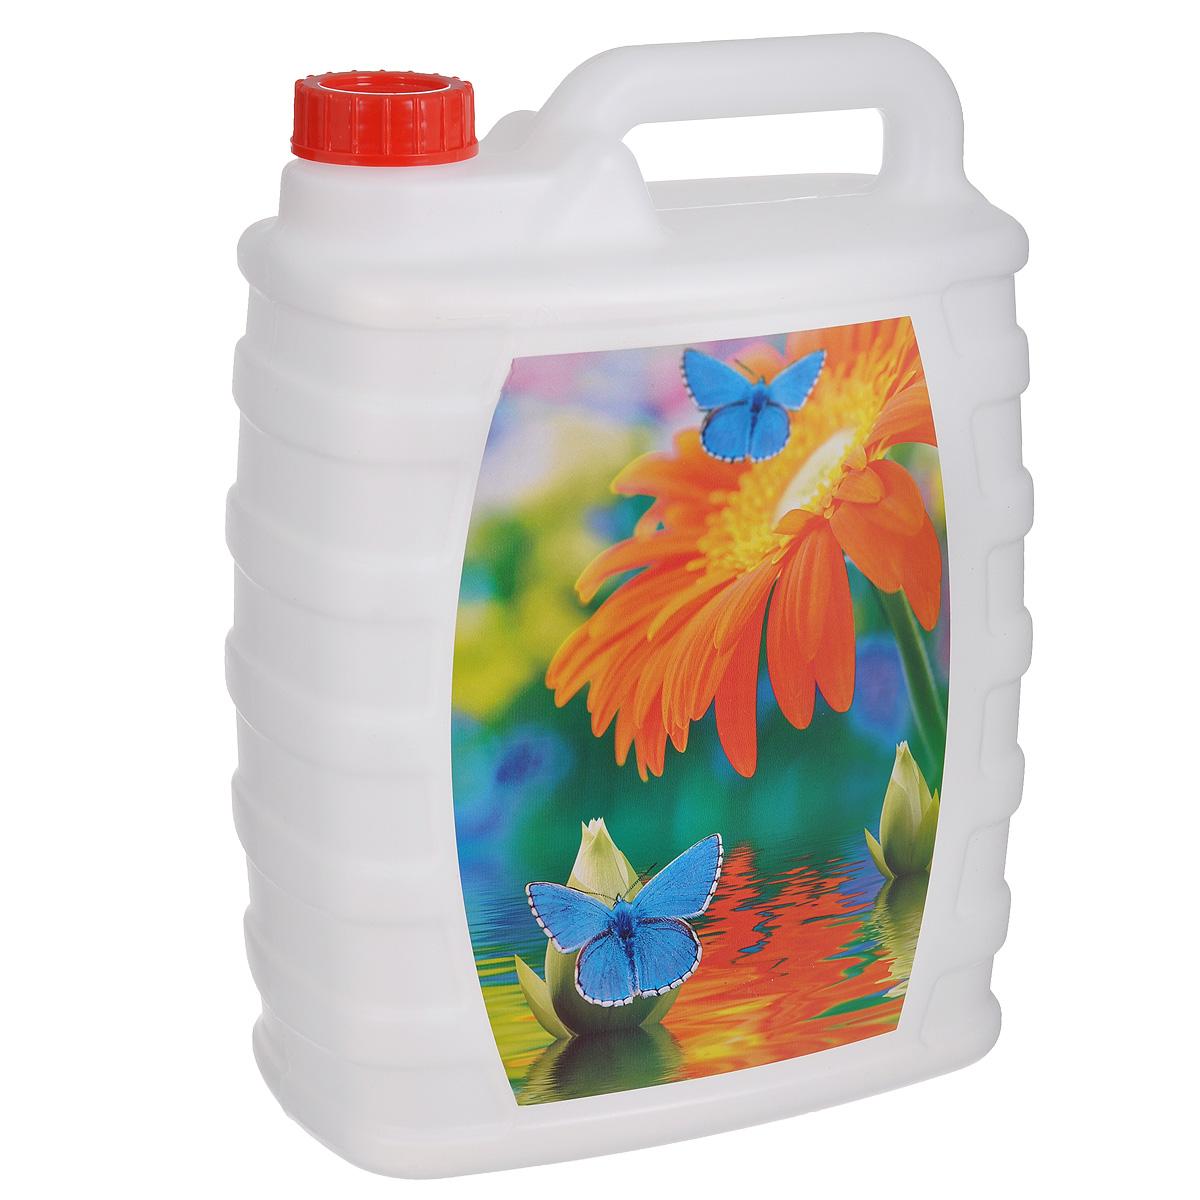 Канистра Альтернатива Цветок и бабочки, 10 лМ2391_цветок и бабочкиКанистра Альтернатива Цветок и бабочки на 10 литров, изготовленная из прочного пластика, несомненно, пригодится вам во время путешествия. Предназначена для переноски и хранения различных жидкостей. Канистра декорирована ярким принтом.